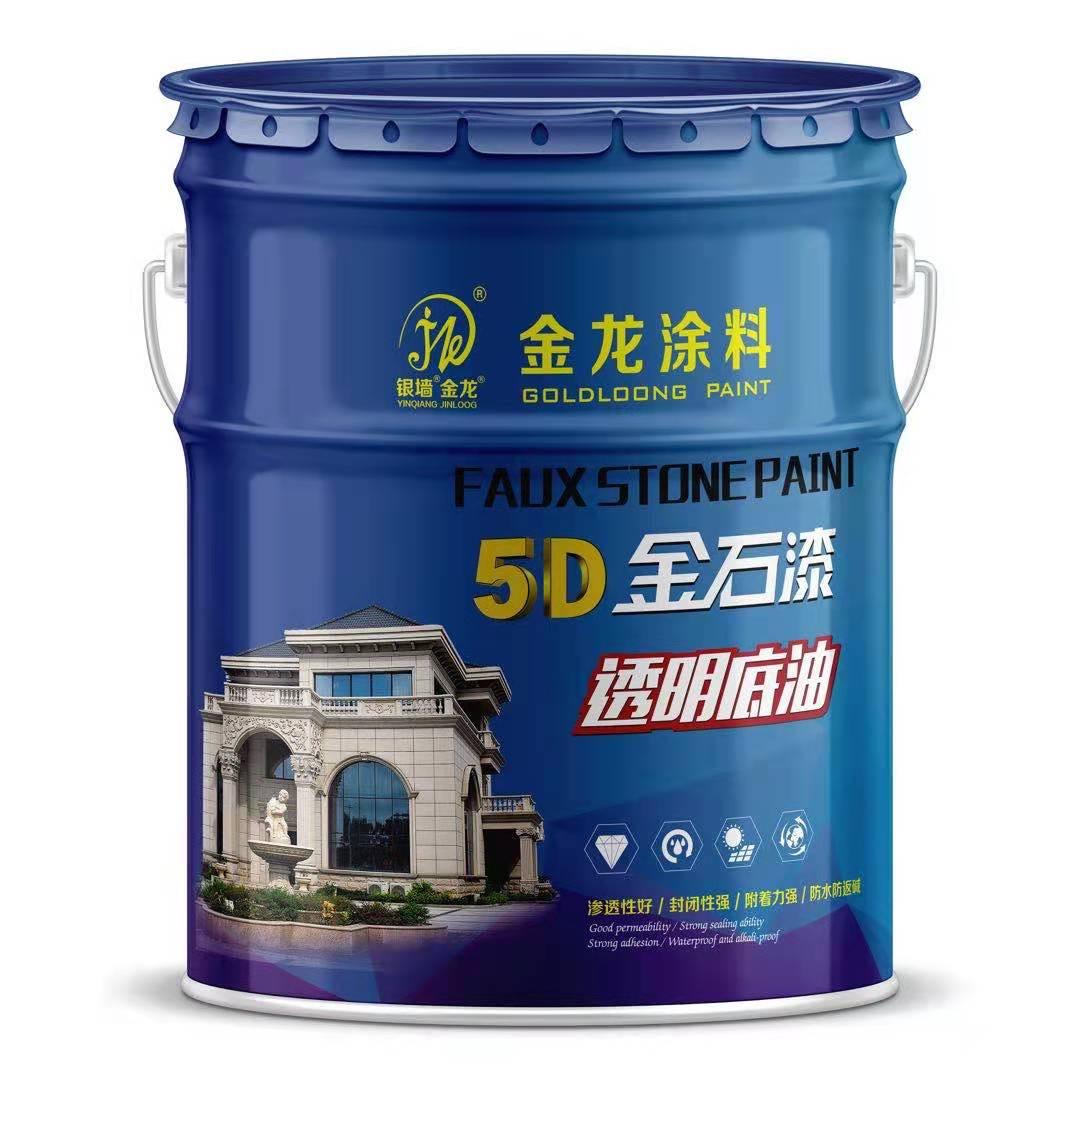 5D金石漆渗透透明底油